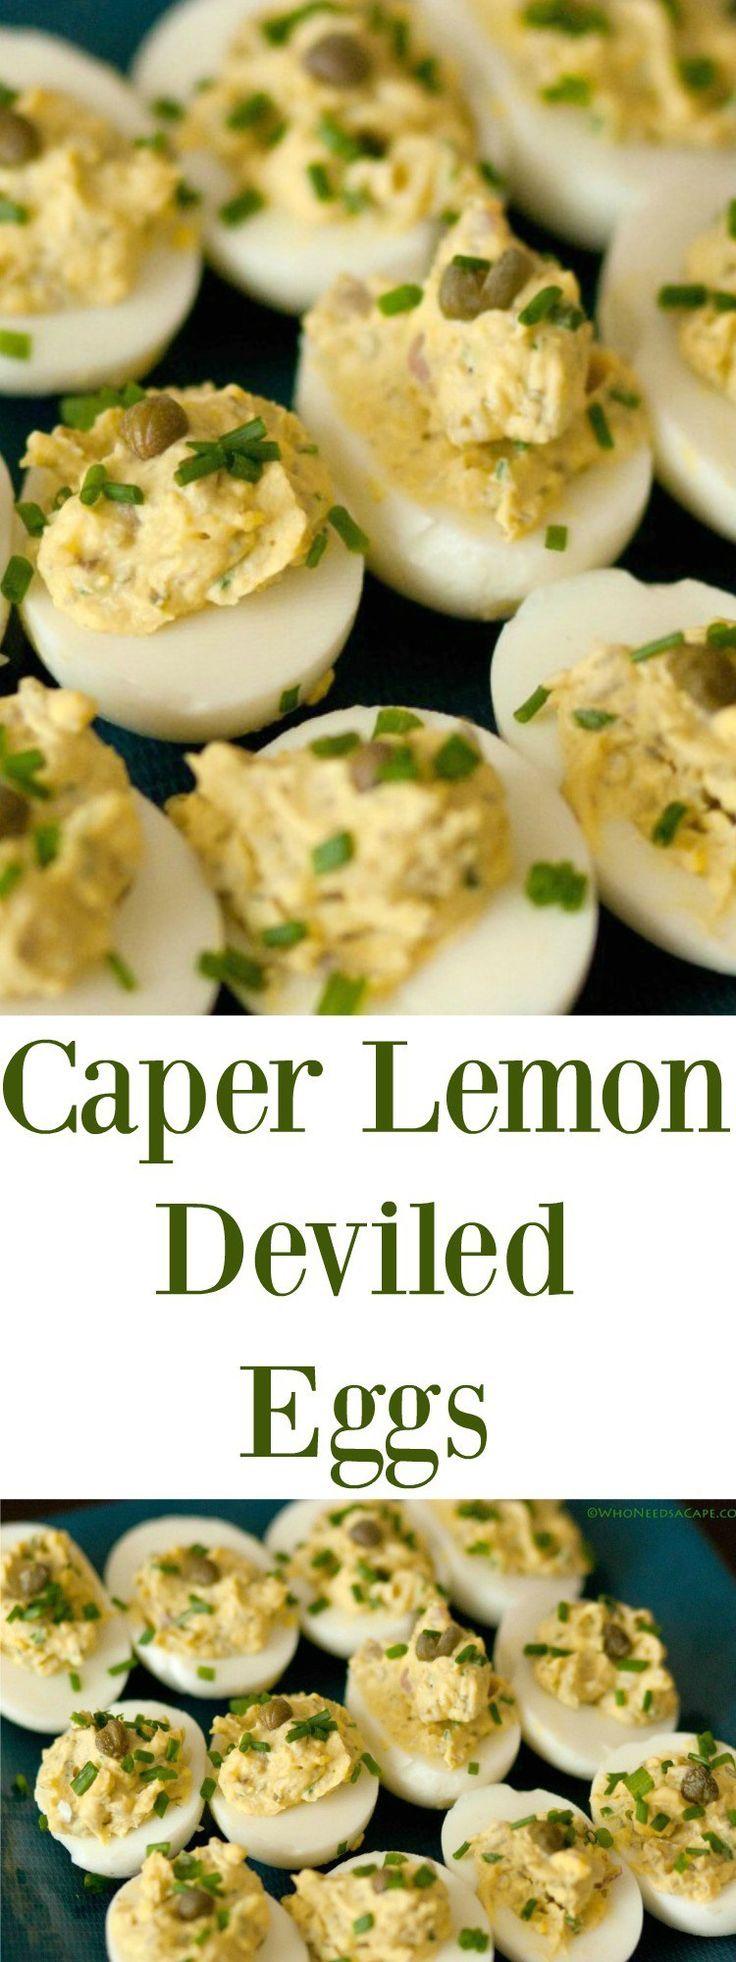 ... Deviled eggs on Pinterest | Classic deviled eggs, Easy deviled eggs